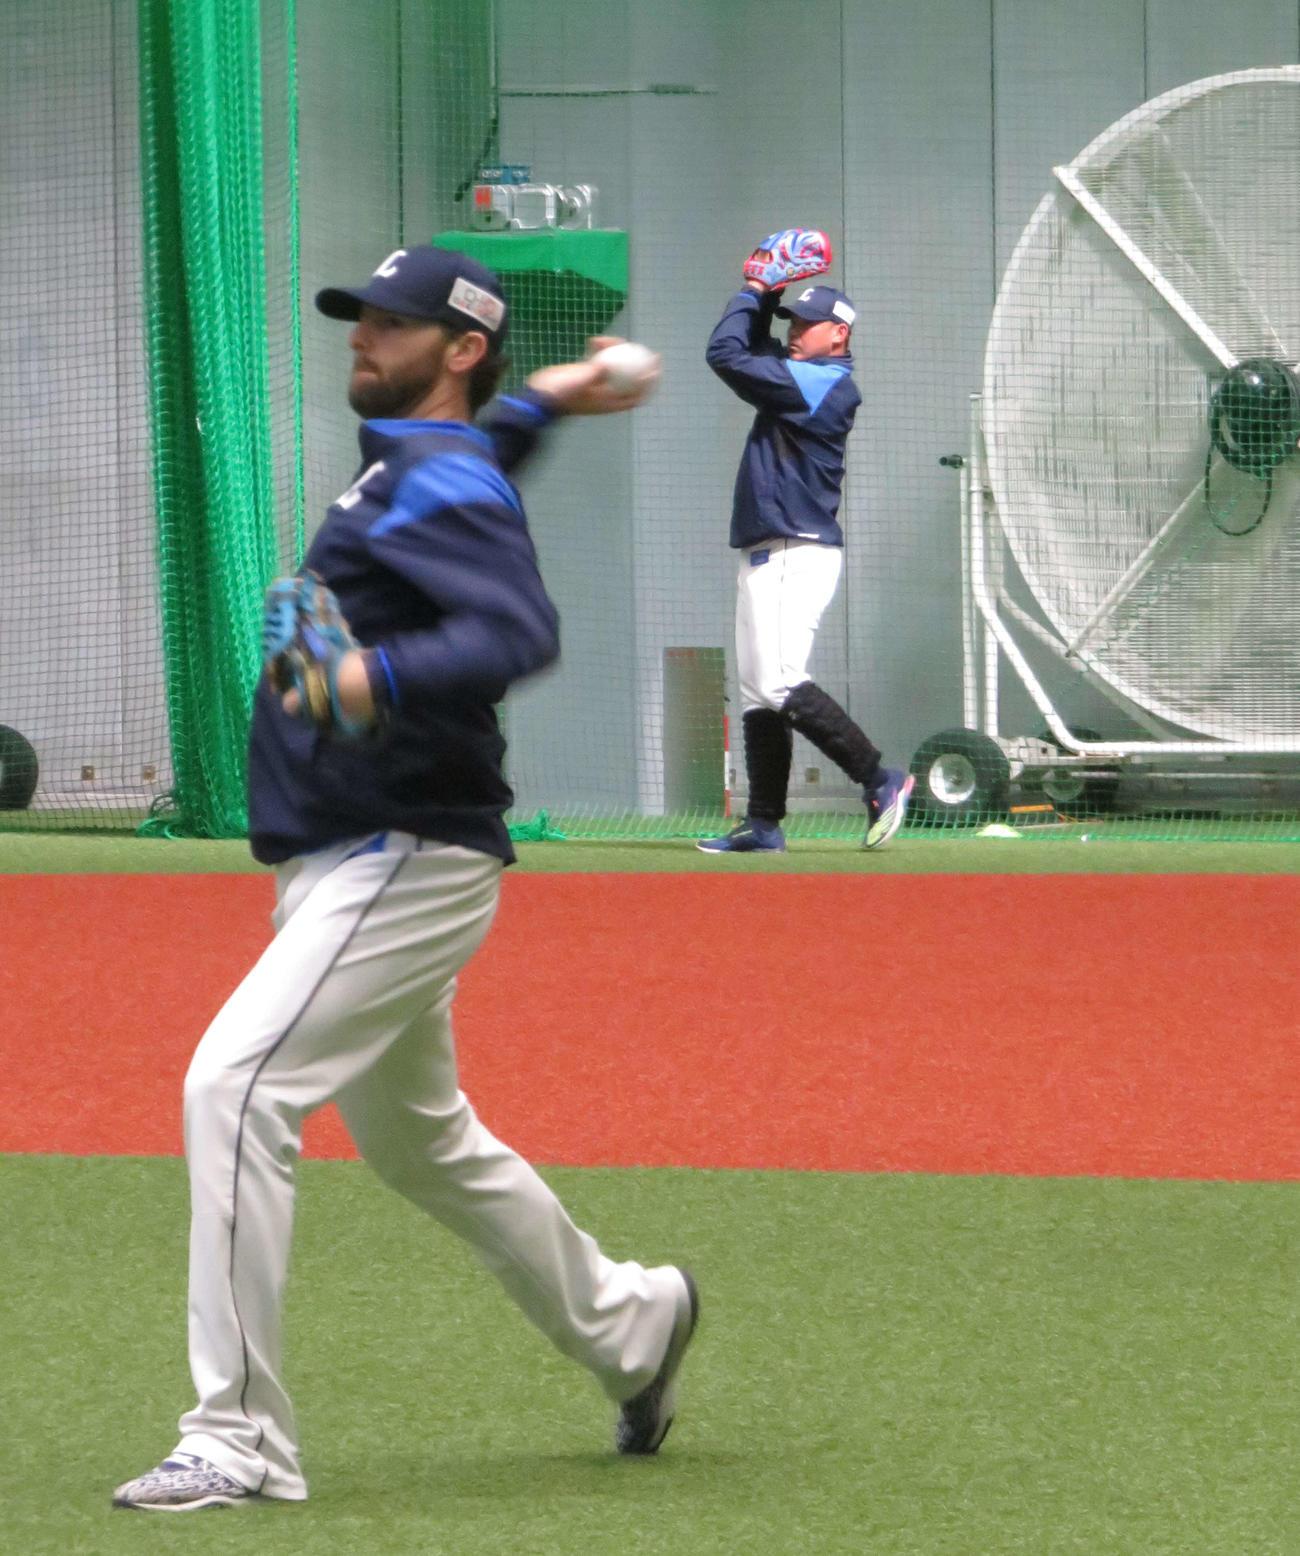 室内練習場でキャッチボールをする西武ニール(手前)と松坂(撮影・栗田成芳)